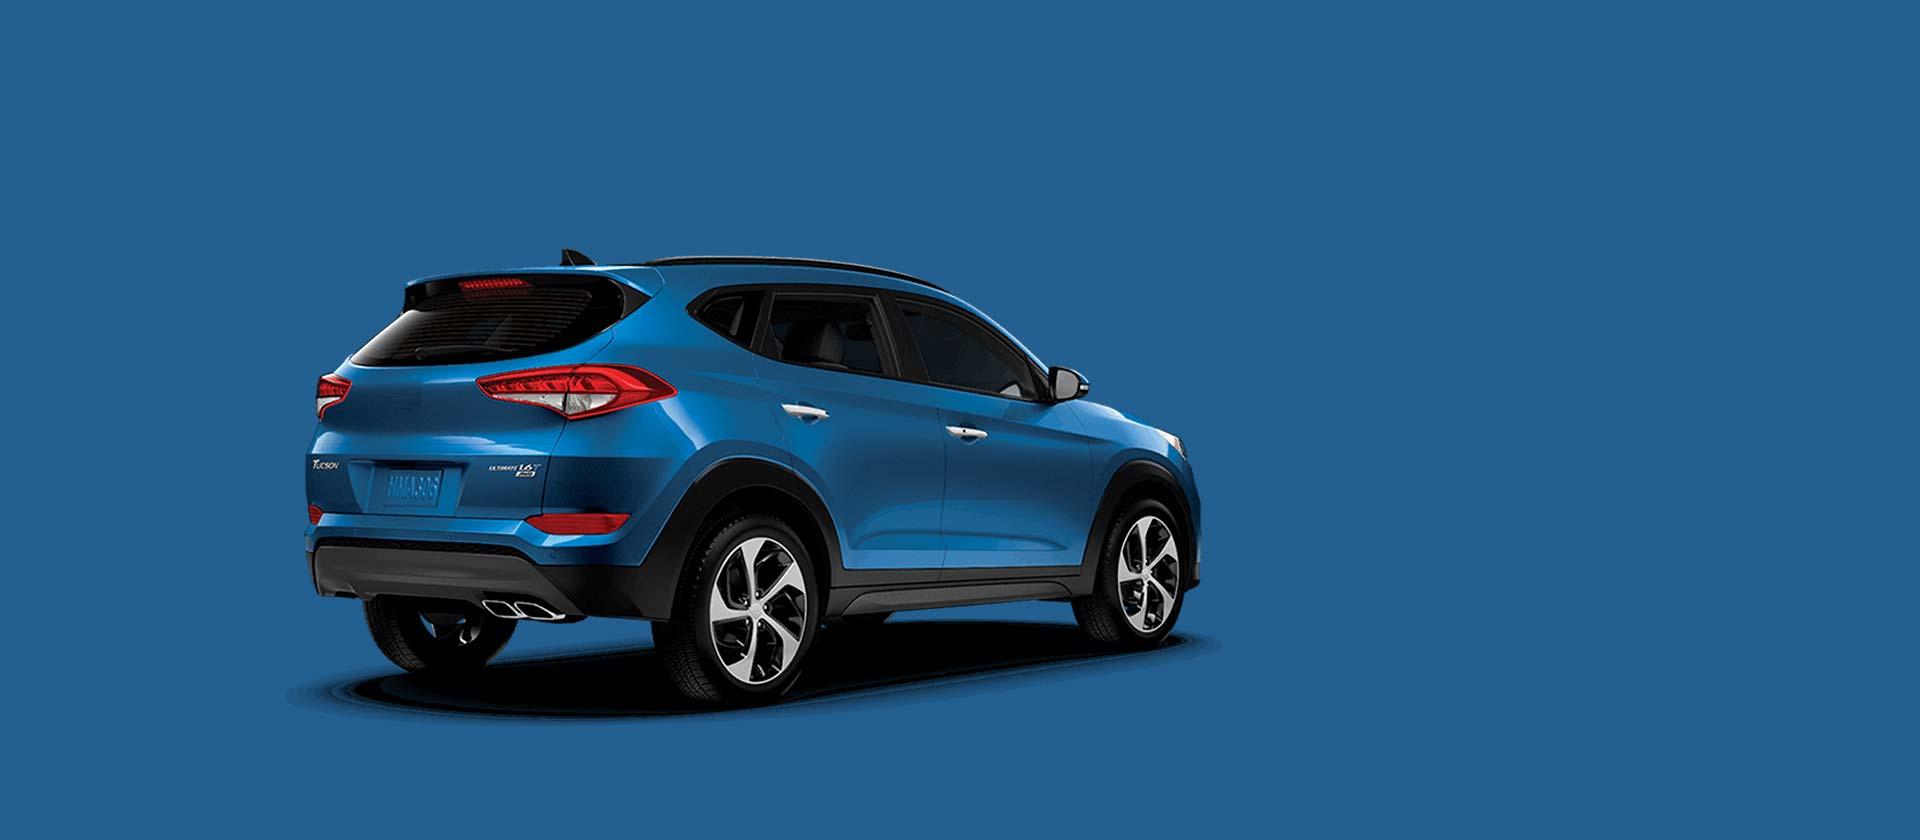 2017 Car Models